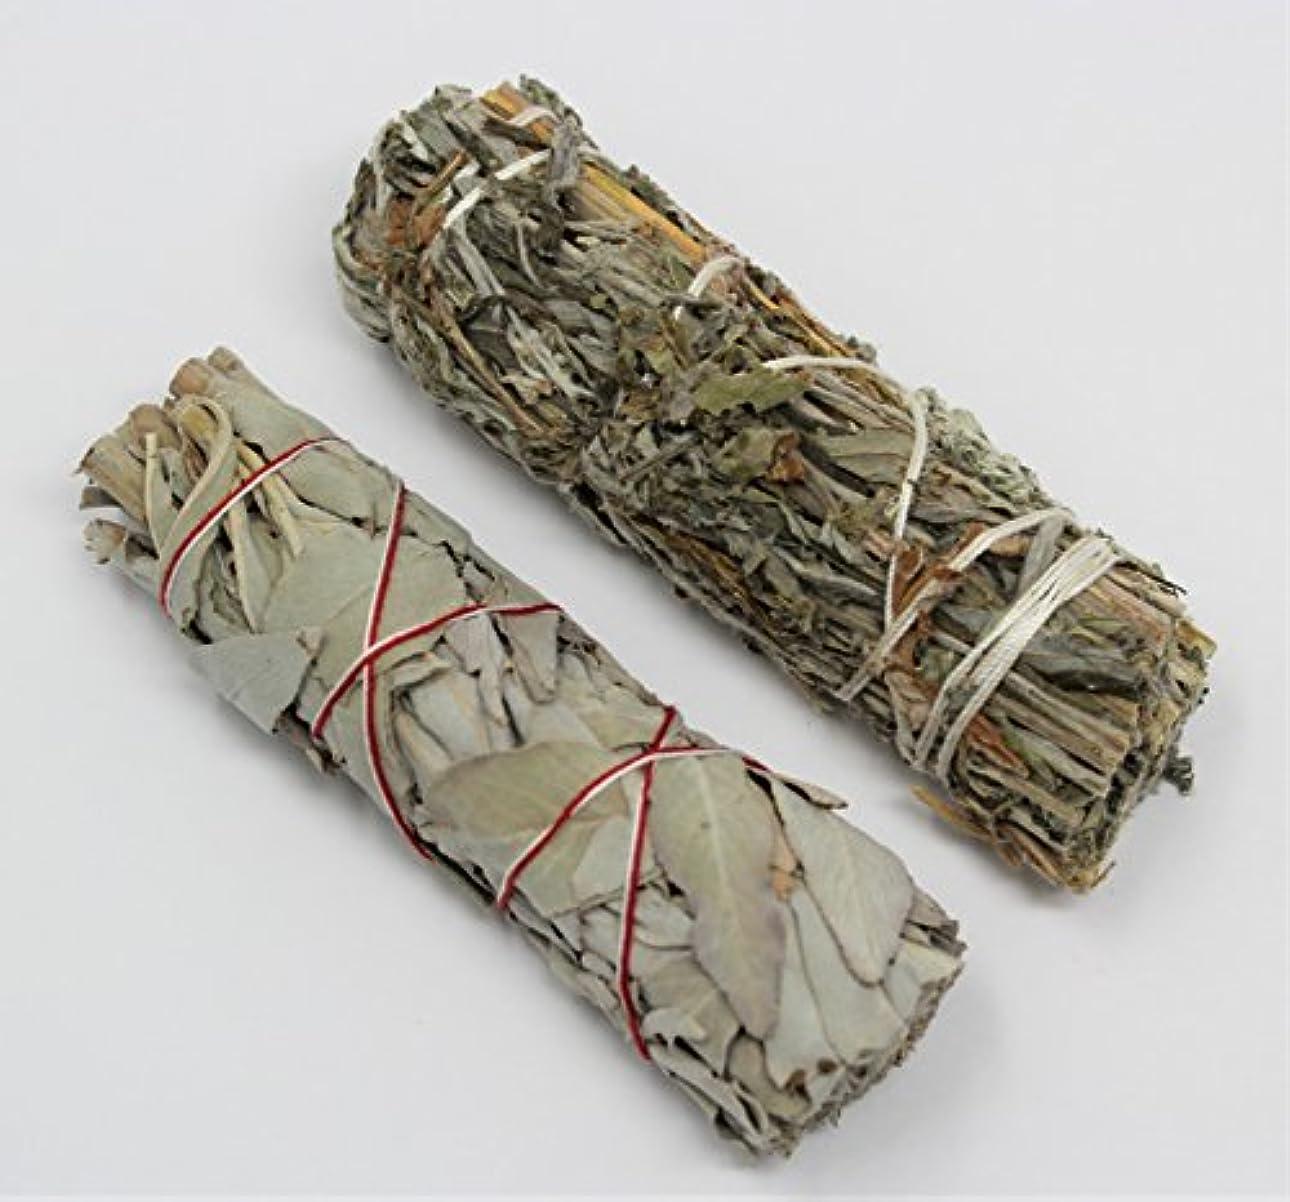 堂々たる予測子慎重カリフォルニアホワイトセージ、ブラックセージ( Mugwort ) Smudge Sticks 2 Pack